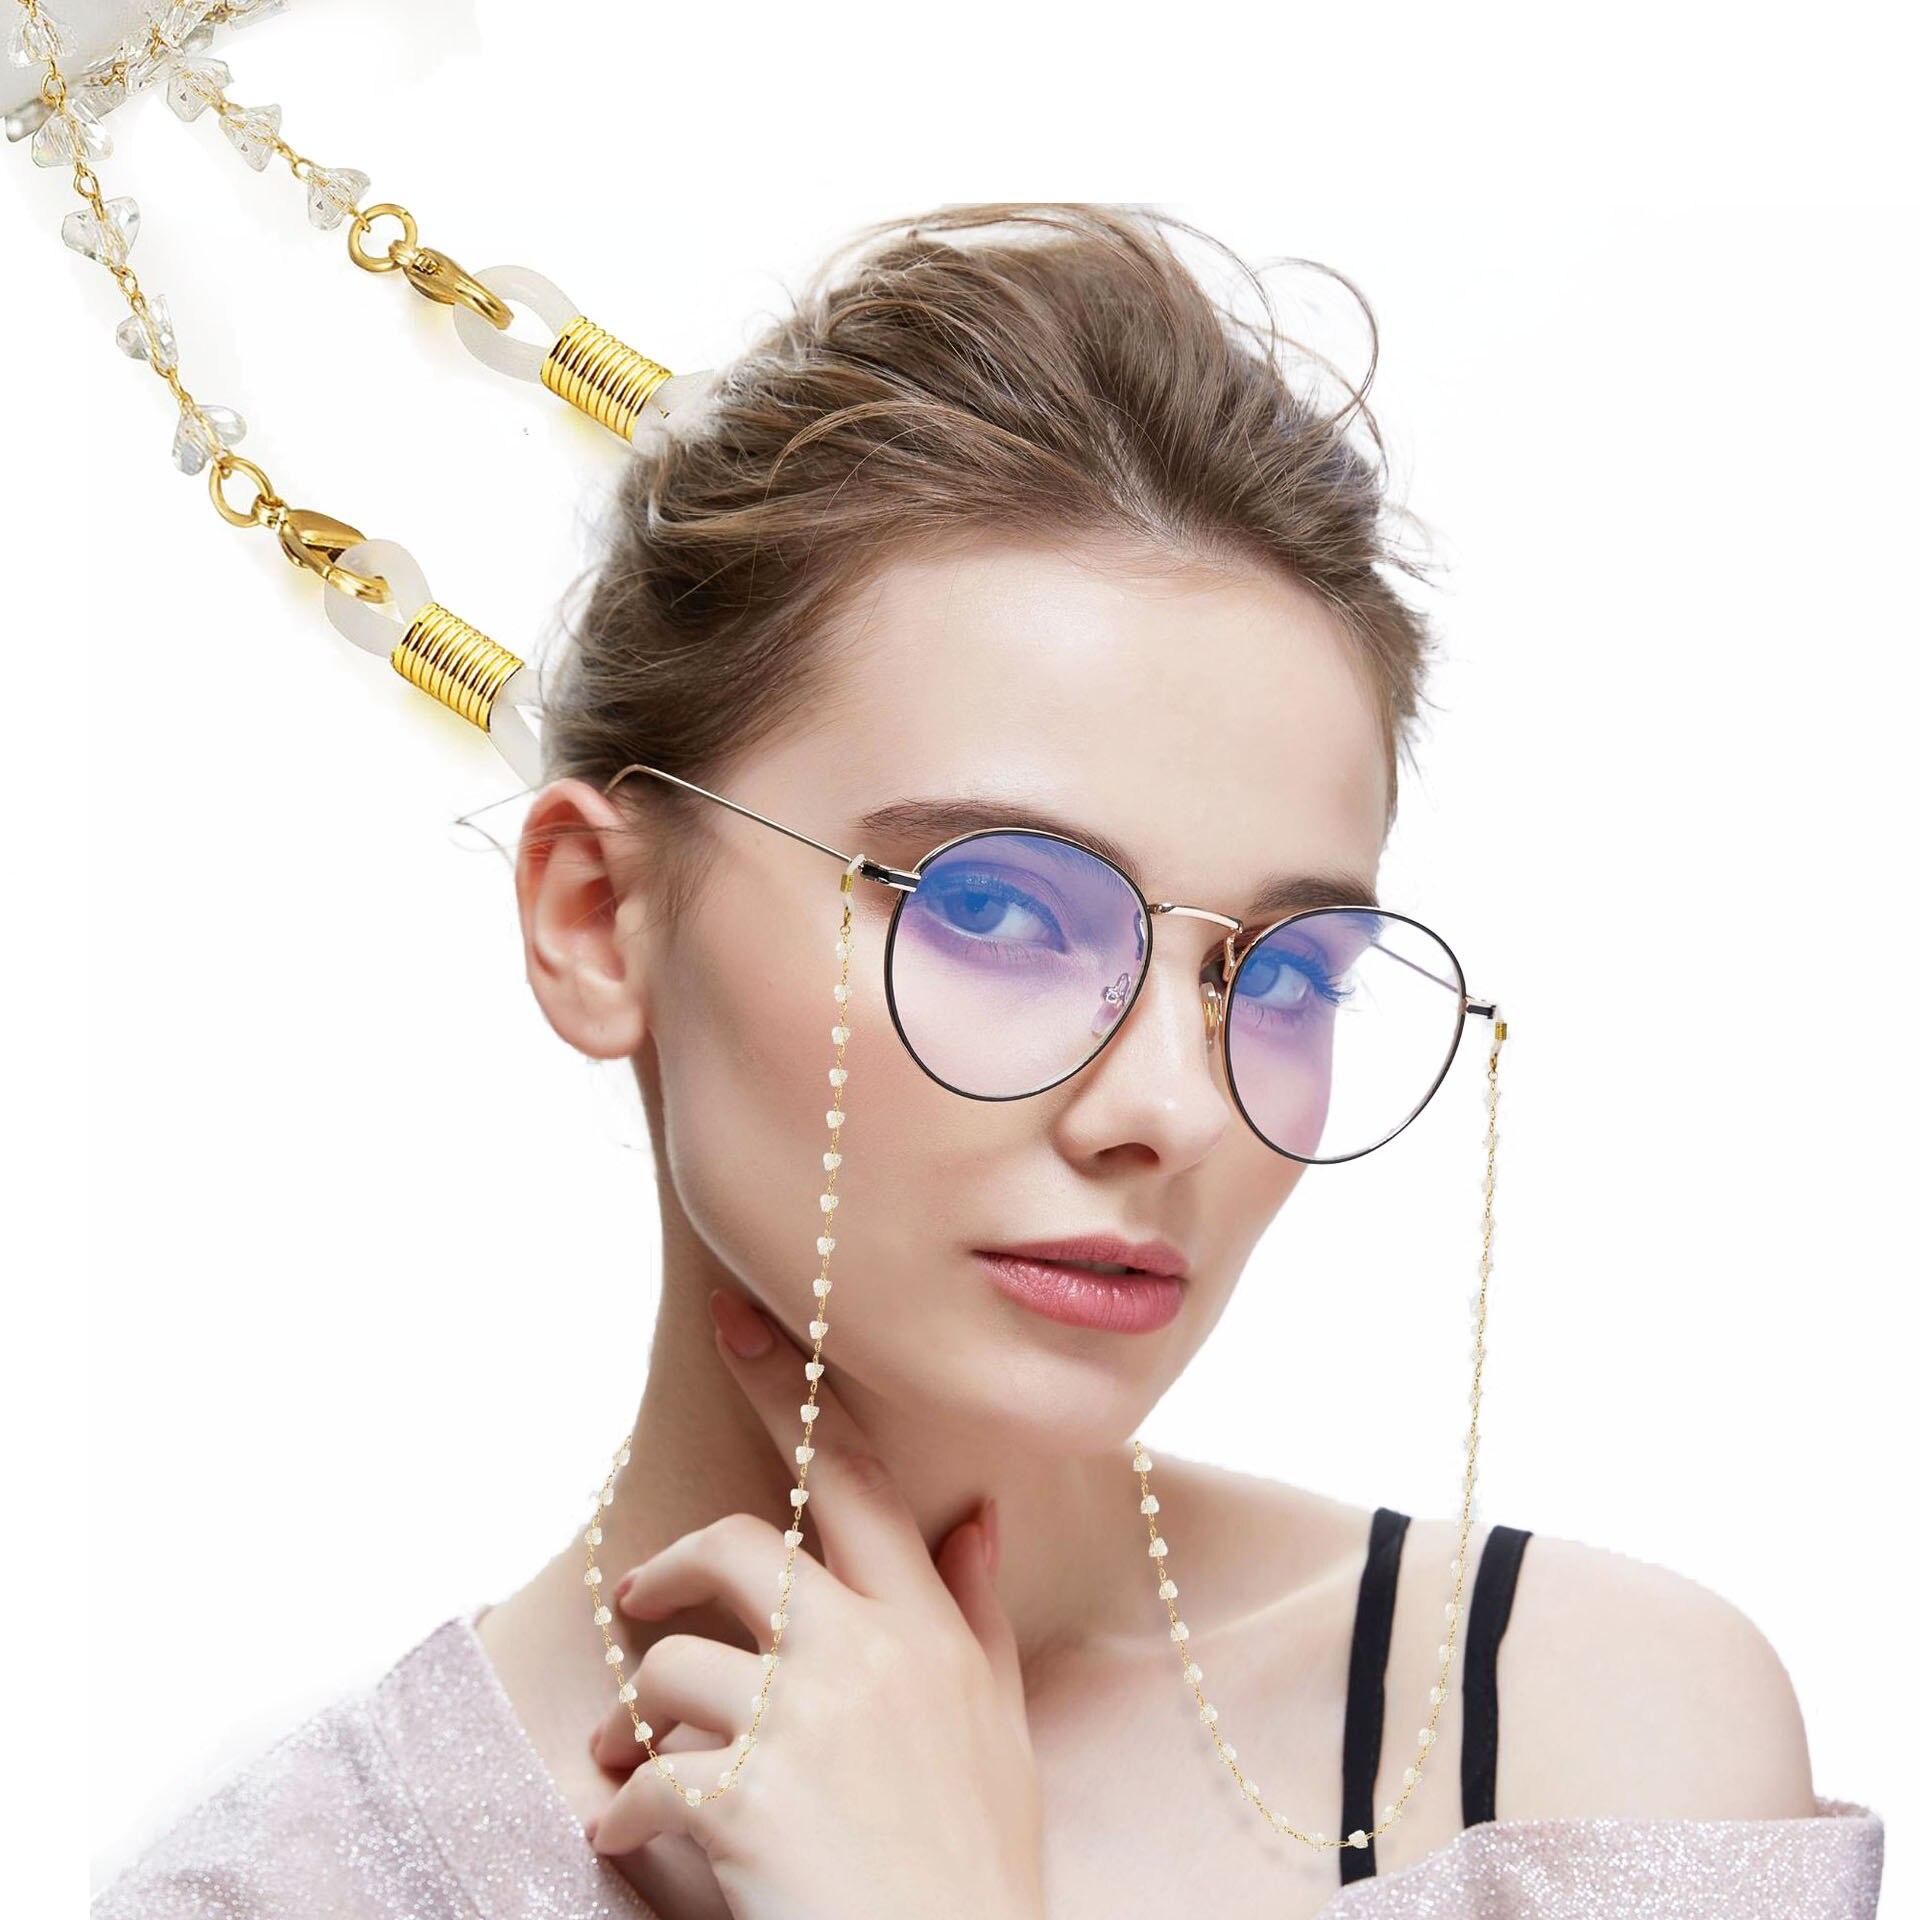 1 шт./лот прозрачные хрустальные цепочки для очков медные солнцезащитные очки шнур на шею держатель тригональные Кристальные цепочки для очков